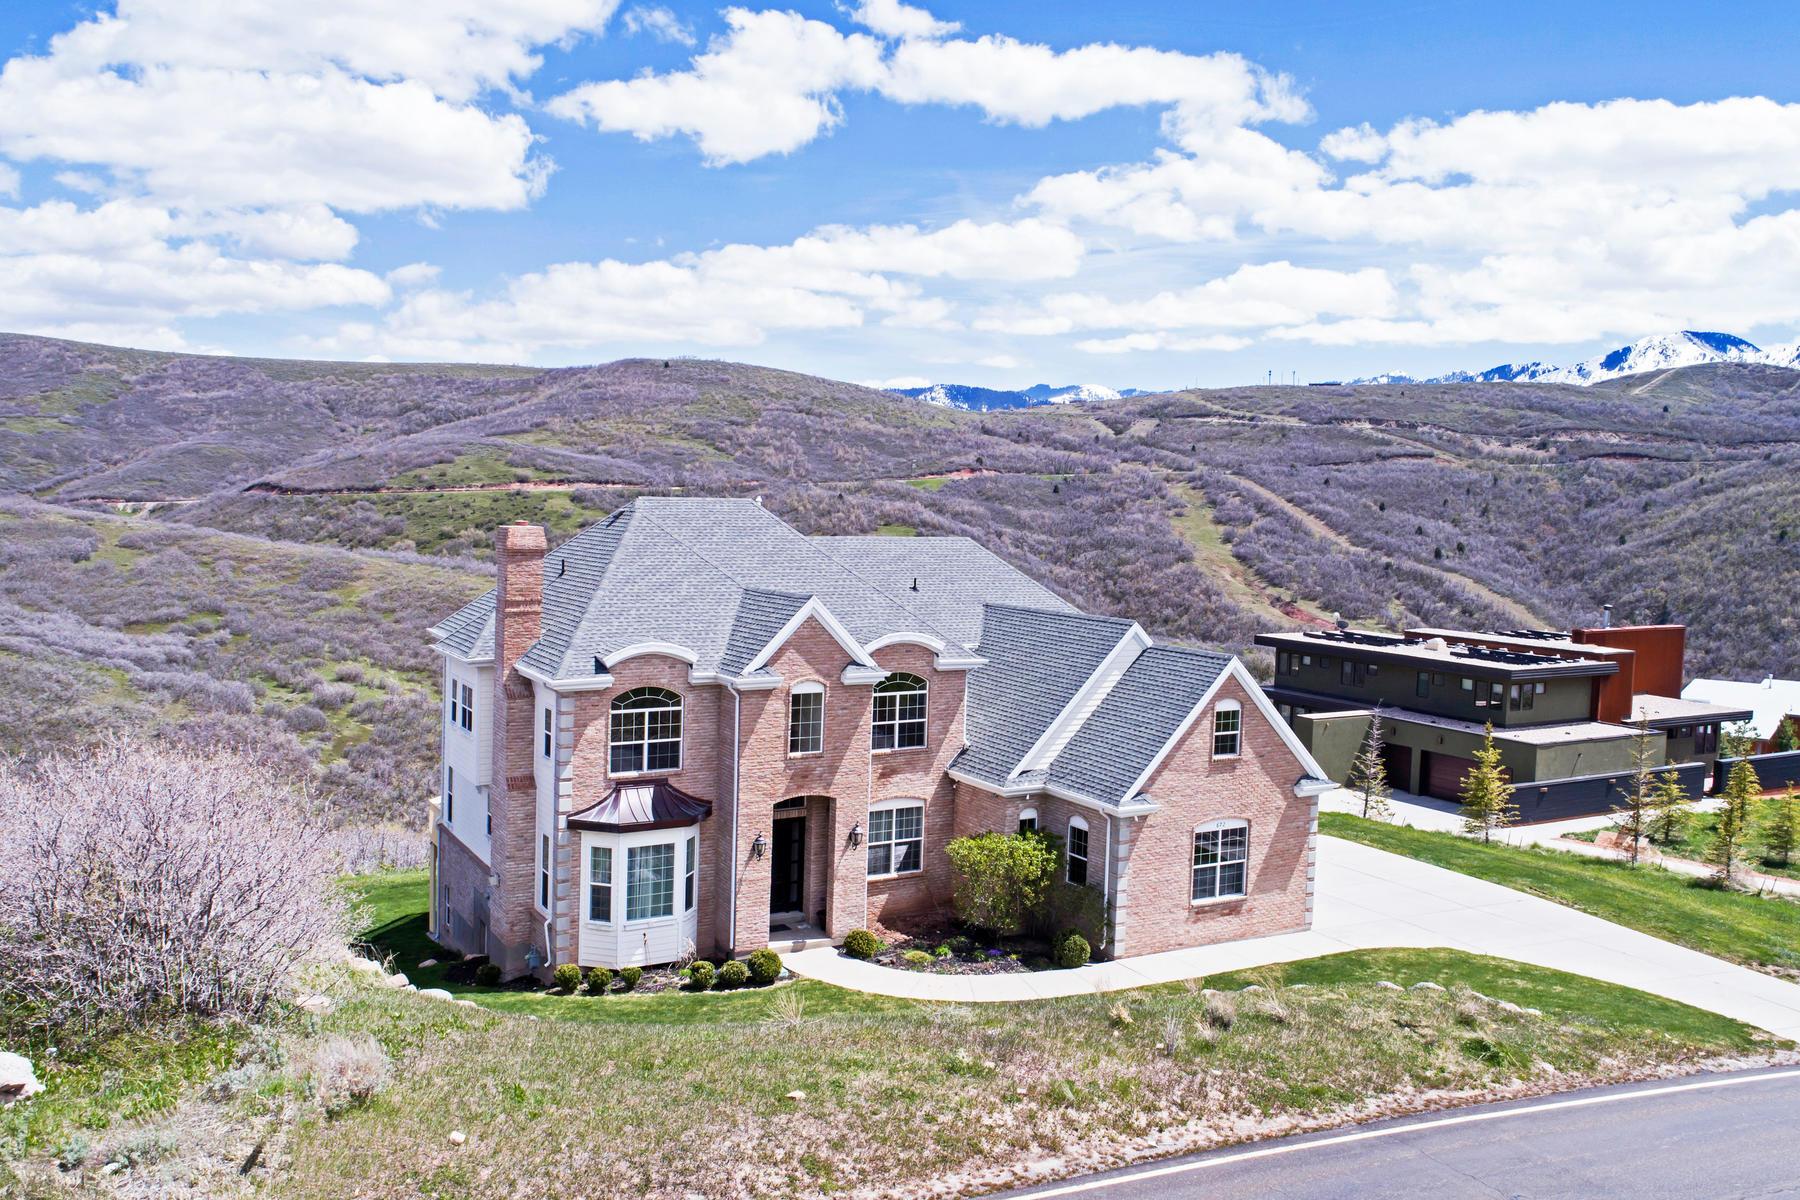 Частный односемейный дом для того Продажа на Stately Two-Story Home With Sweeping Views 672 N Pioneer Fork Rd Salt Lake City, Юта, 84108 Соединенные Штаты